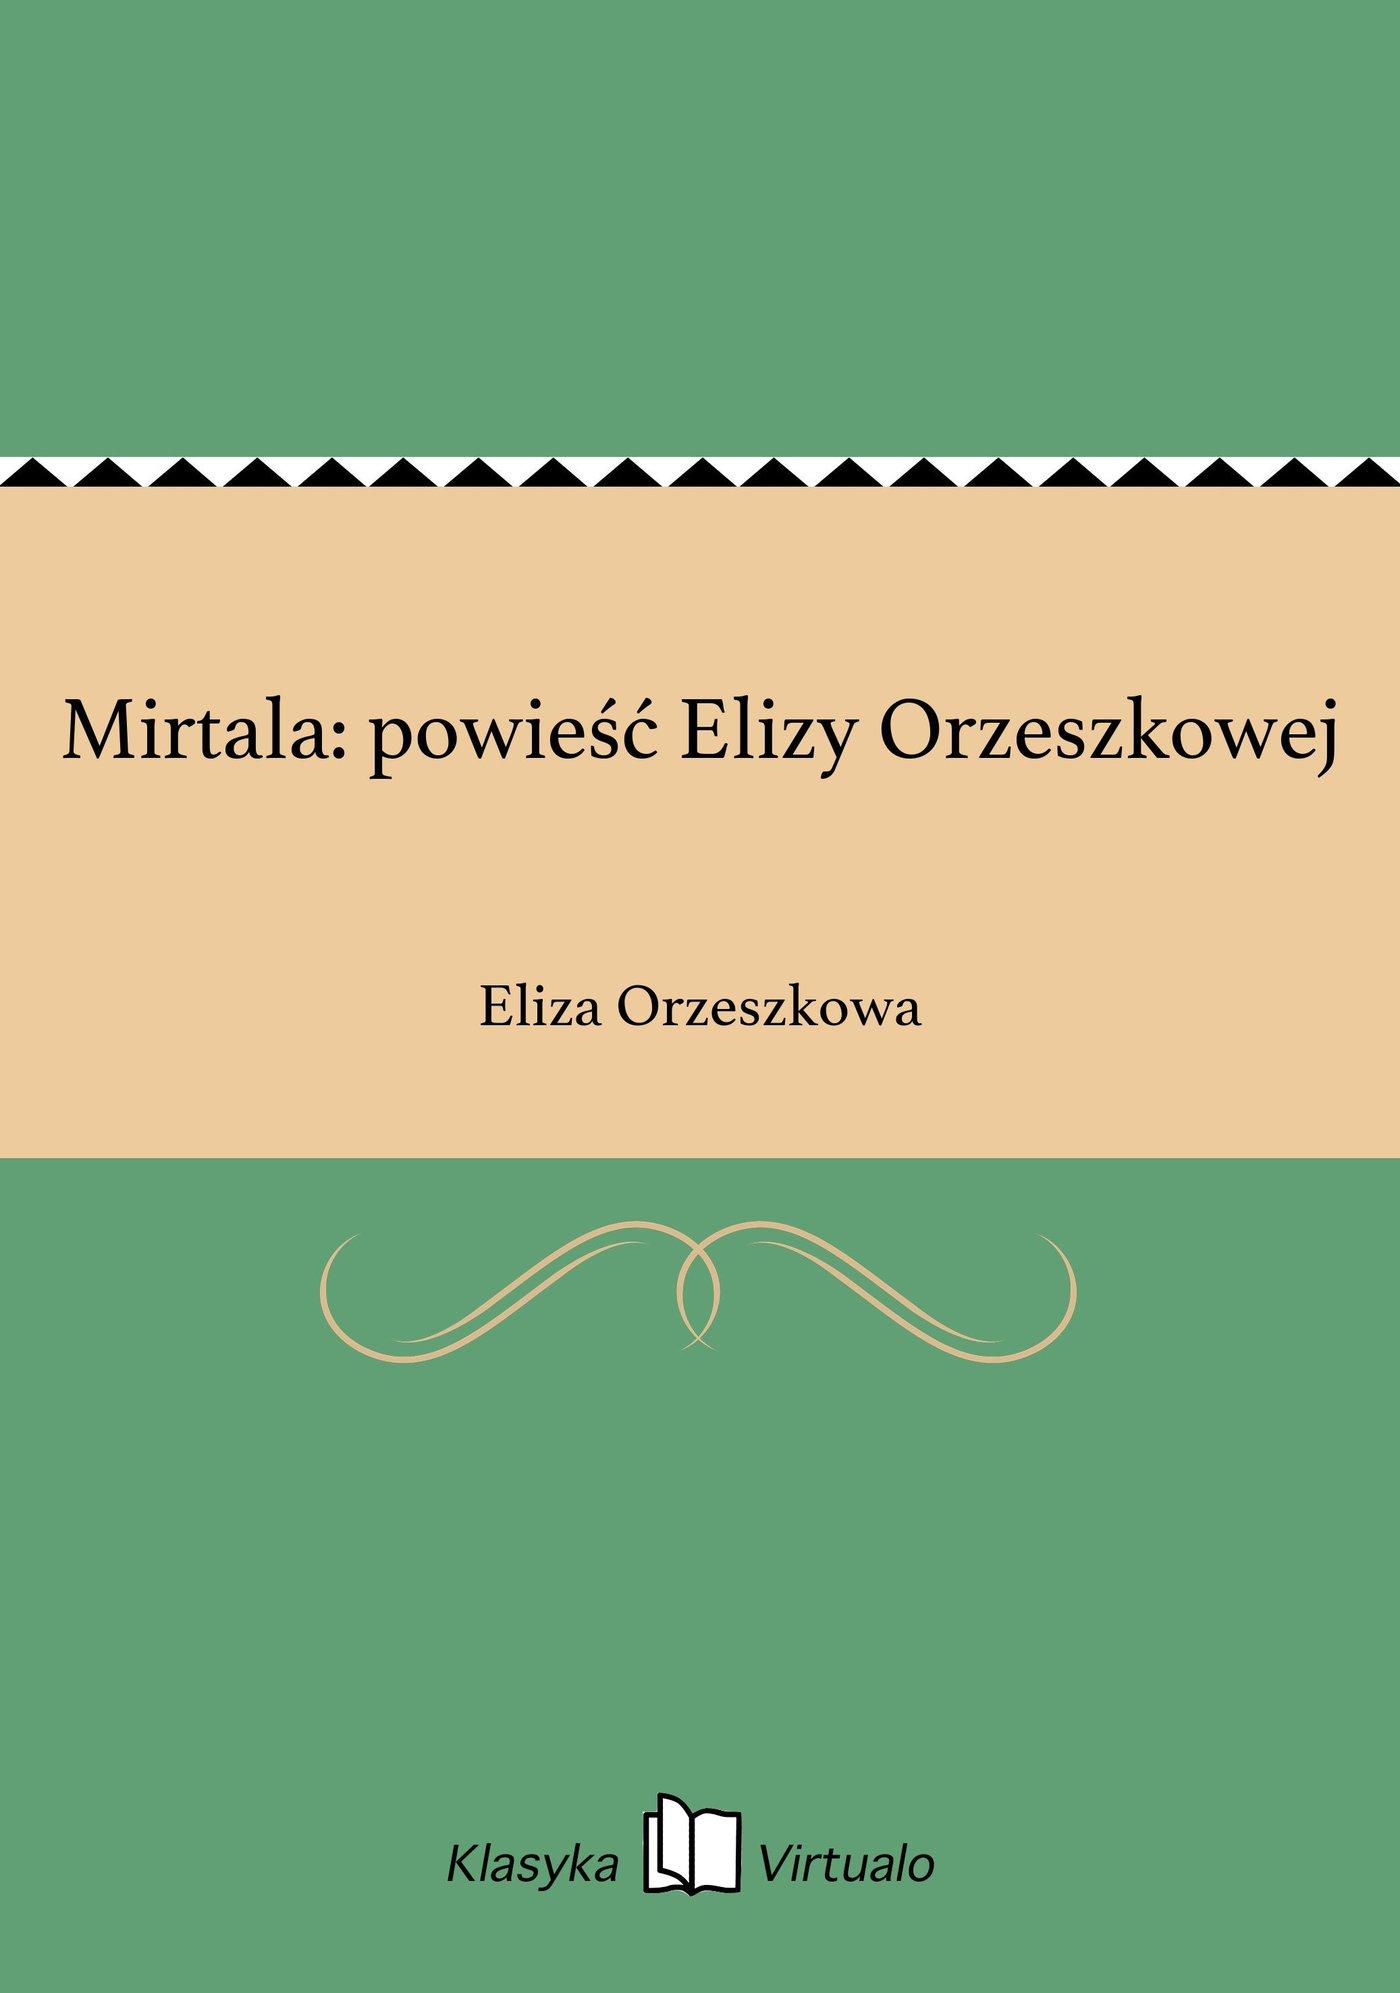 Mirtala: powieść Elizy Orzeszkowej - Ebook (Książka EPUB) do pobrania w formacie EPUB